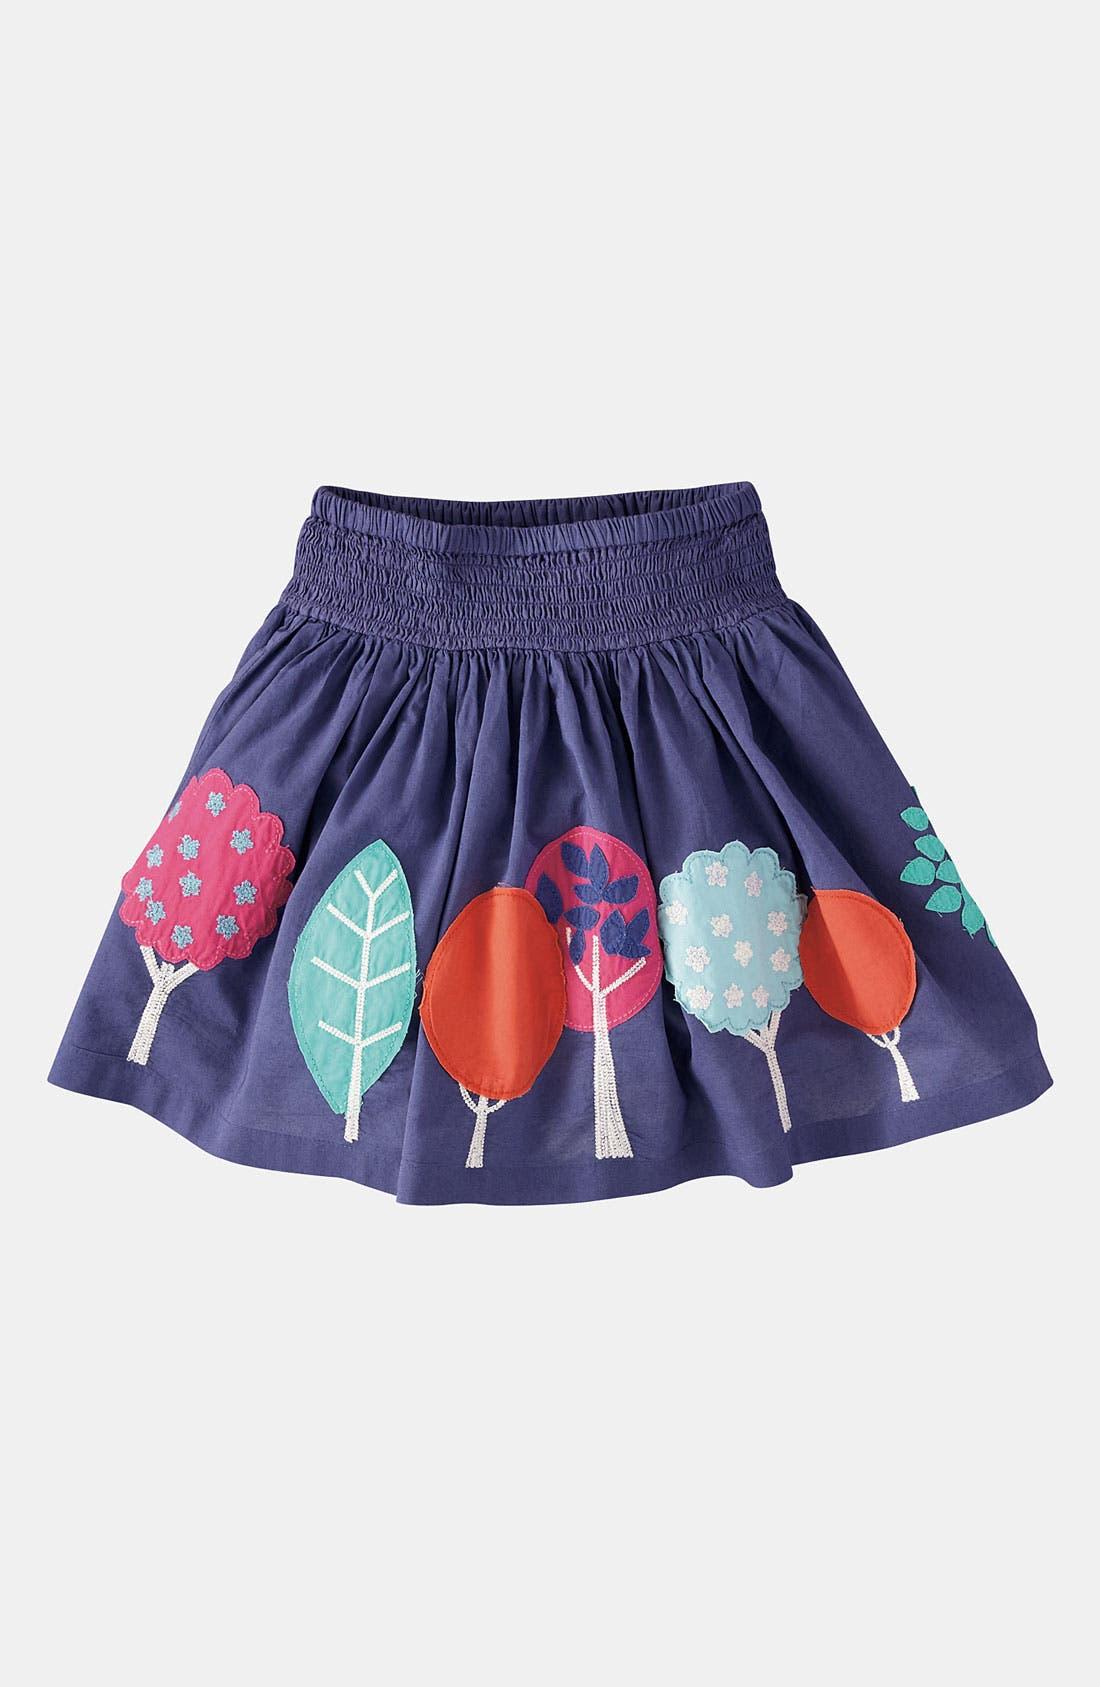 Main Image - Mini Boden Appliqué Skirt (Toddler)